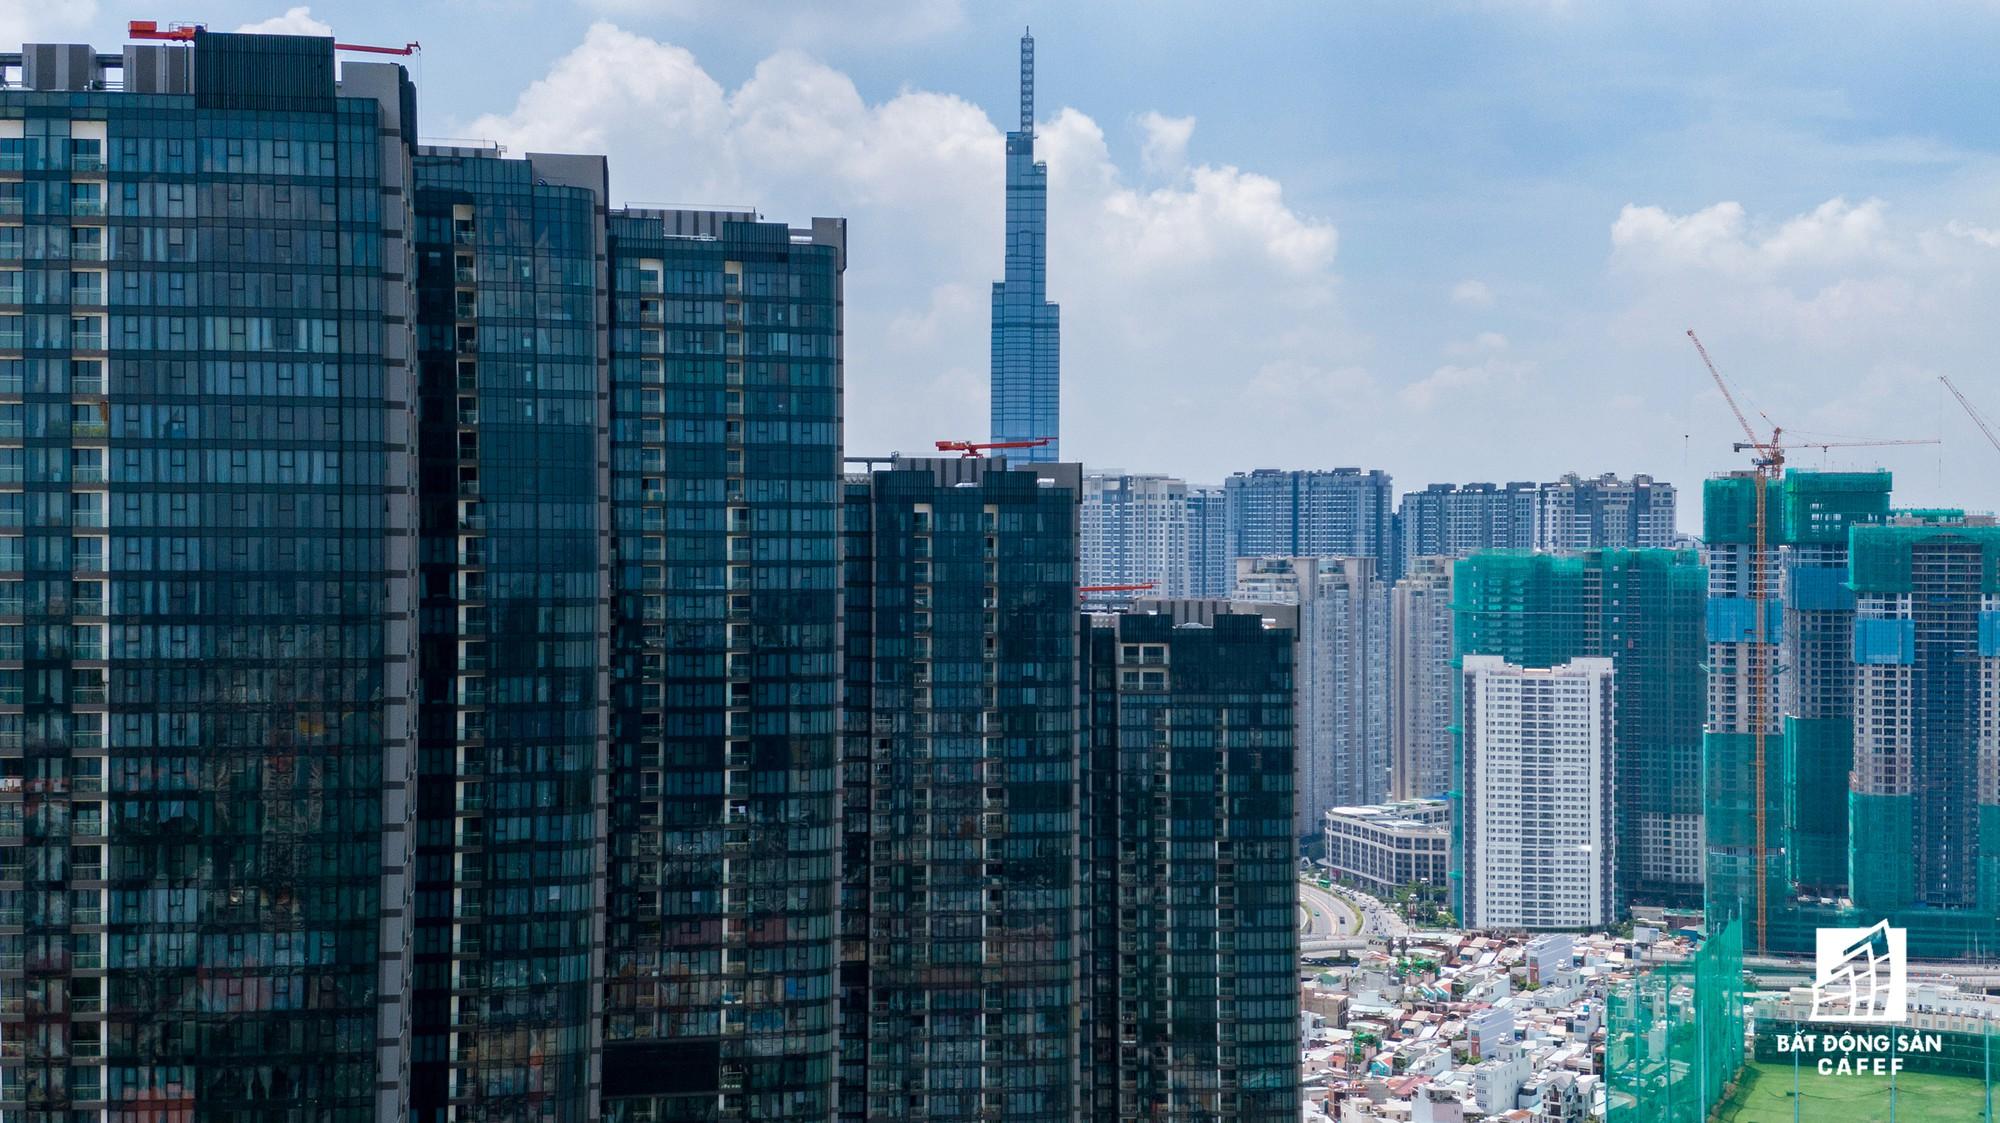 Diện mạo hai bờ sông Sài Gòn tương lai nhìn từ loạt siêu dự án tỷ đô, khu vực trung tâm giá nhà lên hơn 1 tỷ đồng/m2 - Ảnh 22. Diện mạo hai bờ sông Sài Gòn tương lai nhìn từ loạt siêu dự án tỷ đô, khu vực trung tâm giá nhà lên hơn 1 tỷ đồng/m2 Diện mạo hai bờ sông Sài Gòn tương lai nhìn từ loạt siêu dự án tỷ đô, khu vực trung tâm giá nhà lên hơn 1 tỷ đồng/m2 hinh 71 15682776170151036640150